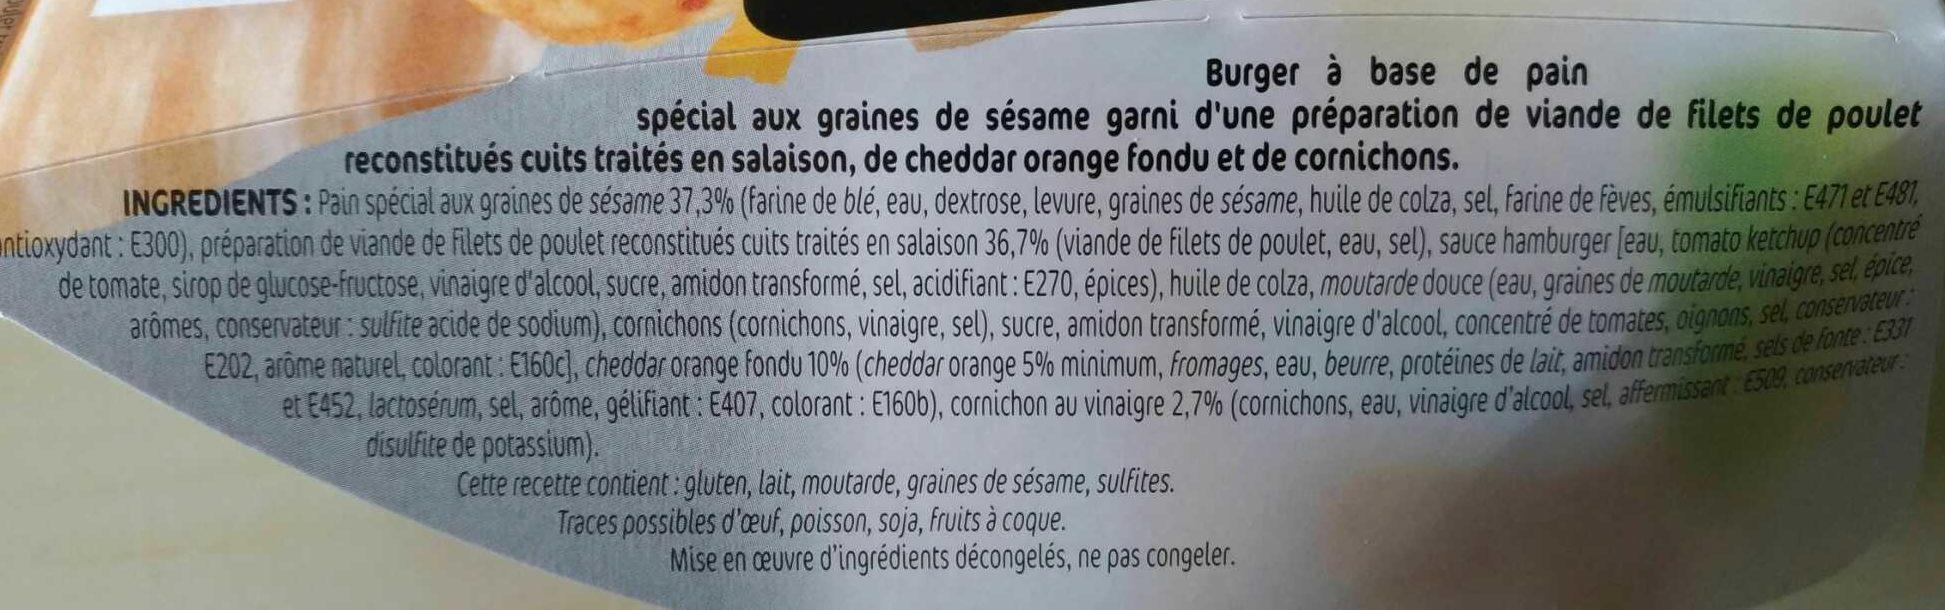 Chicken Burger - Ingrédients - fr